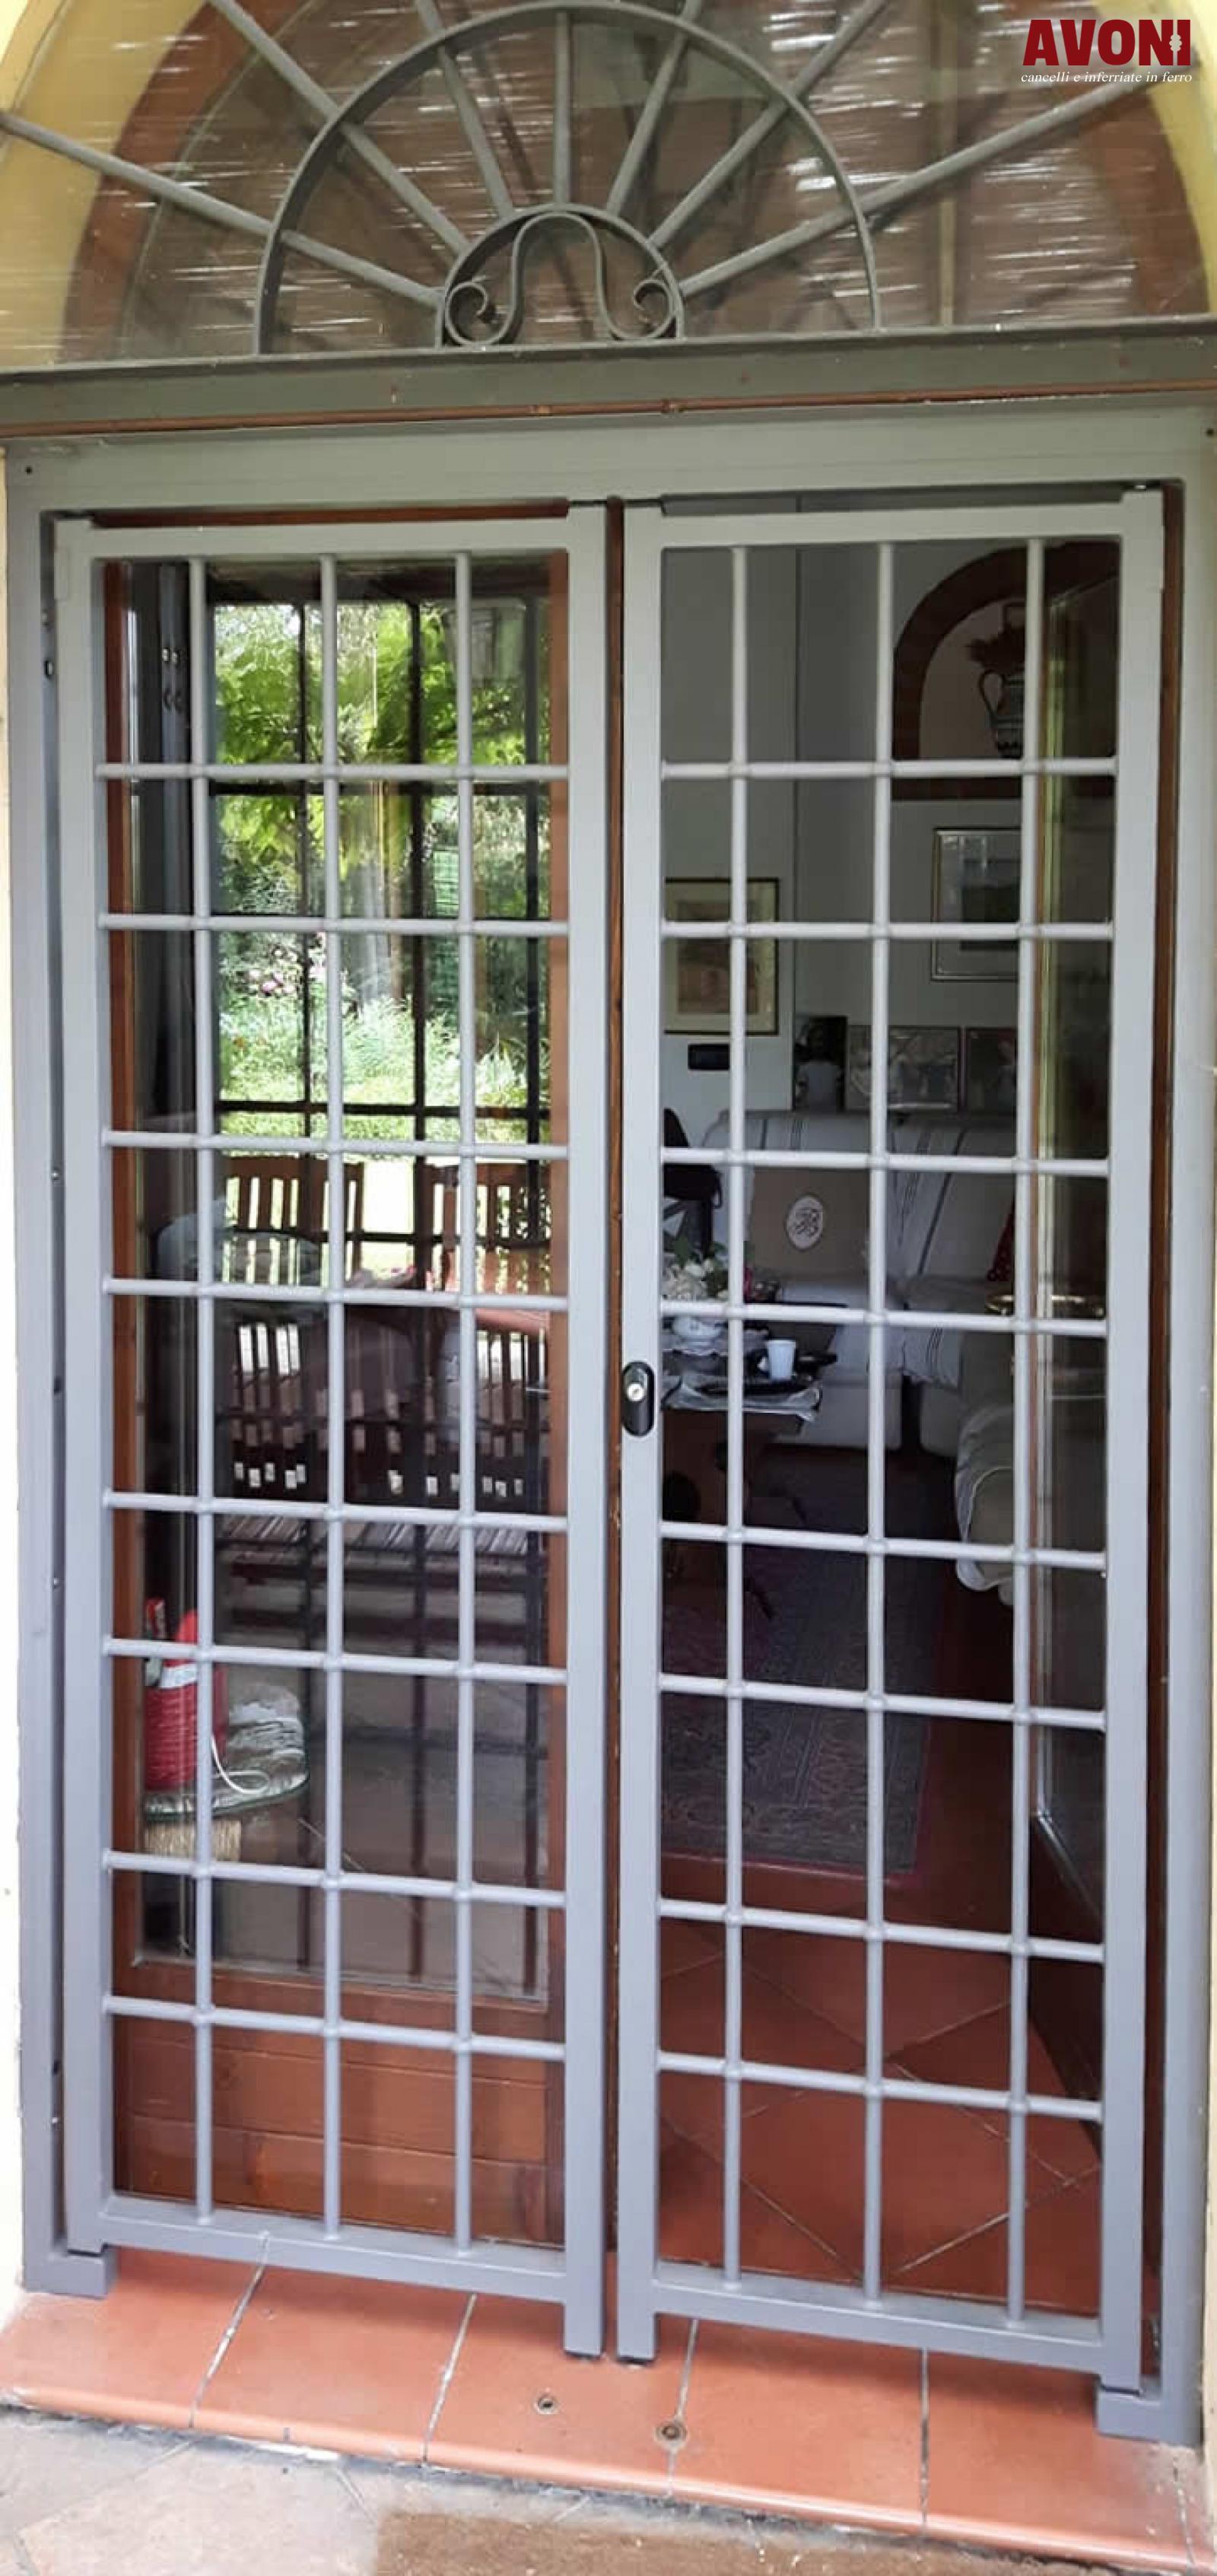 Cancelli da esterno per porte finestre avoni snc - Cancelli per porte finestre ...